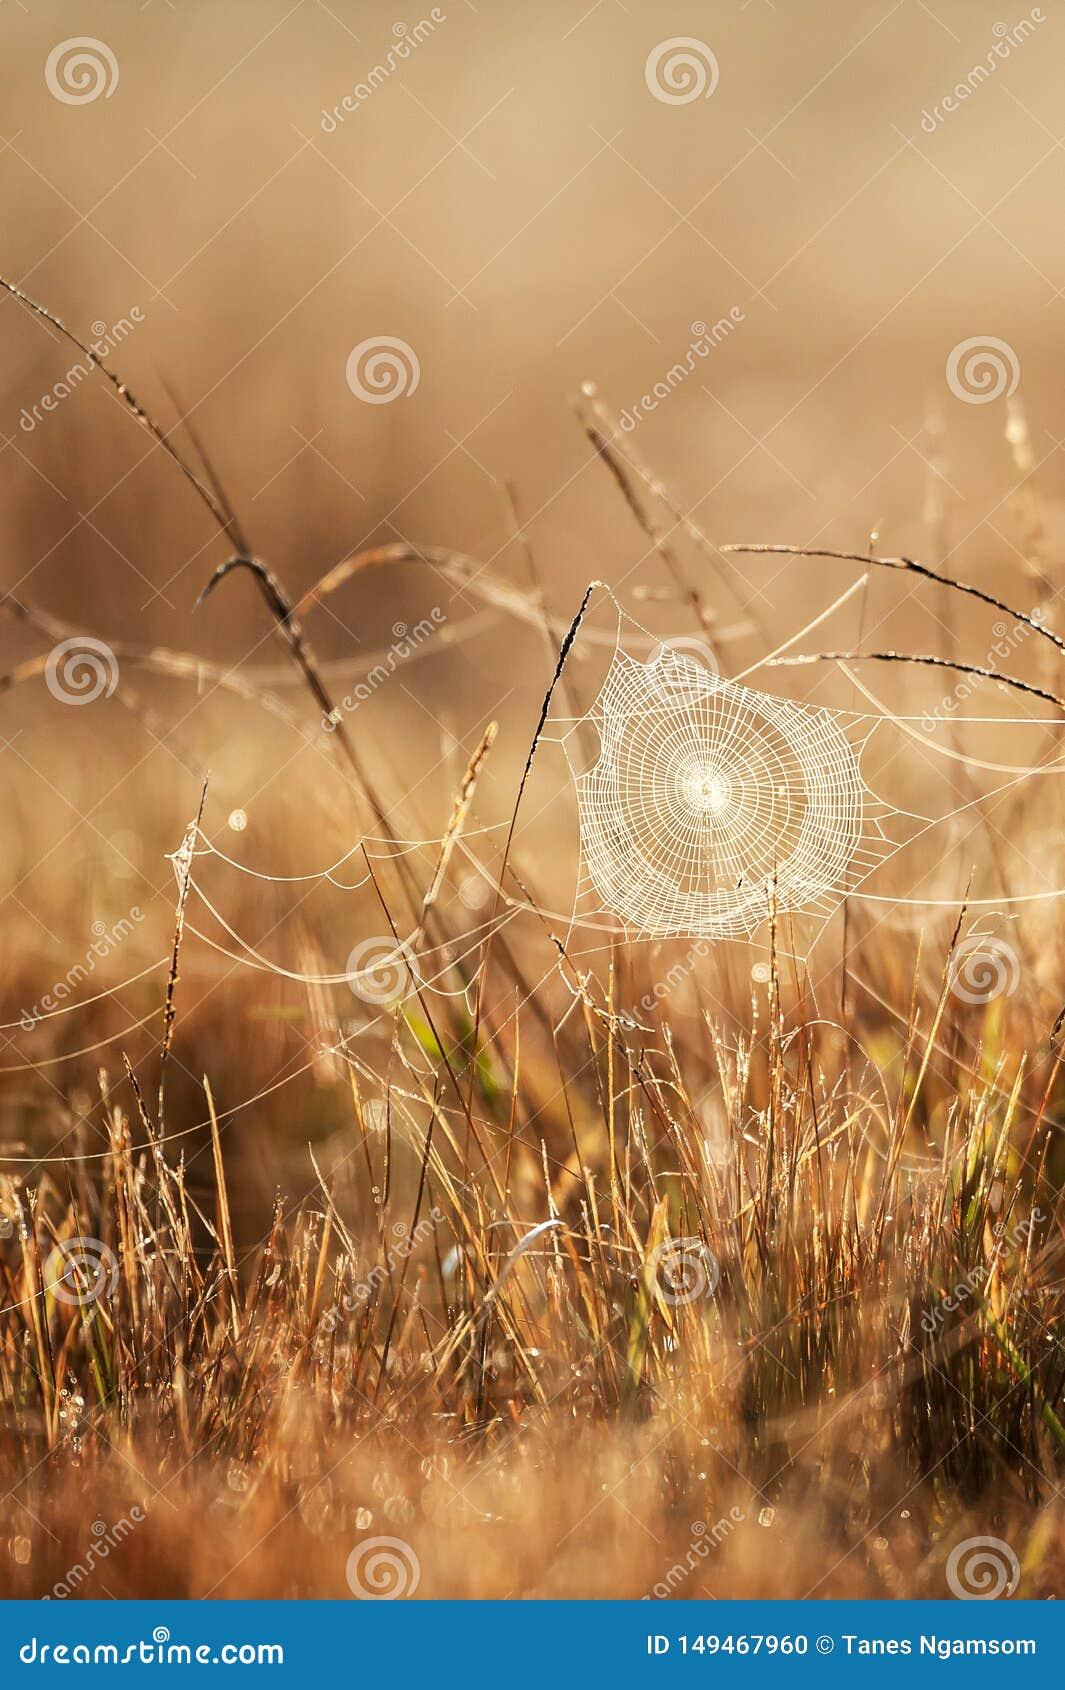 Telara?a fant?stica con roc?o en ma?ana del invierno, la salida del sol de oro que brilla en telara?a y la hierba salvaje, fondos